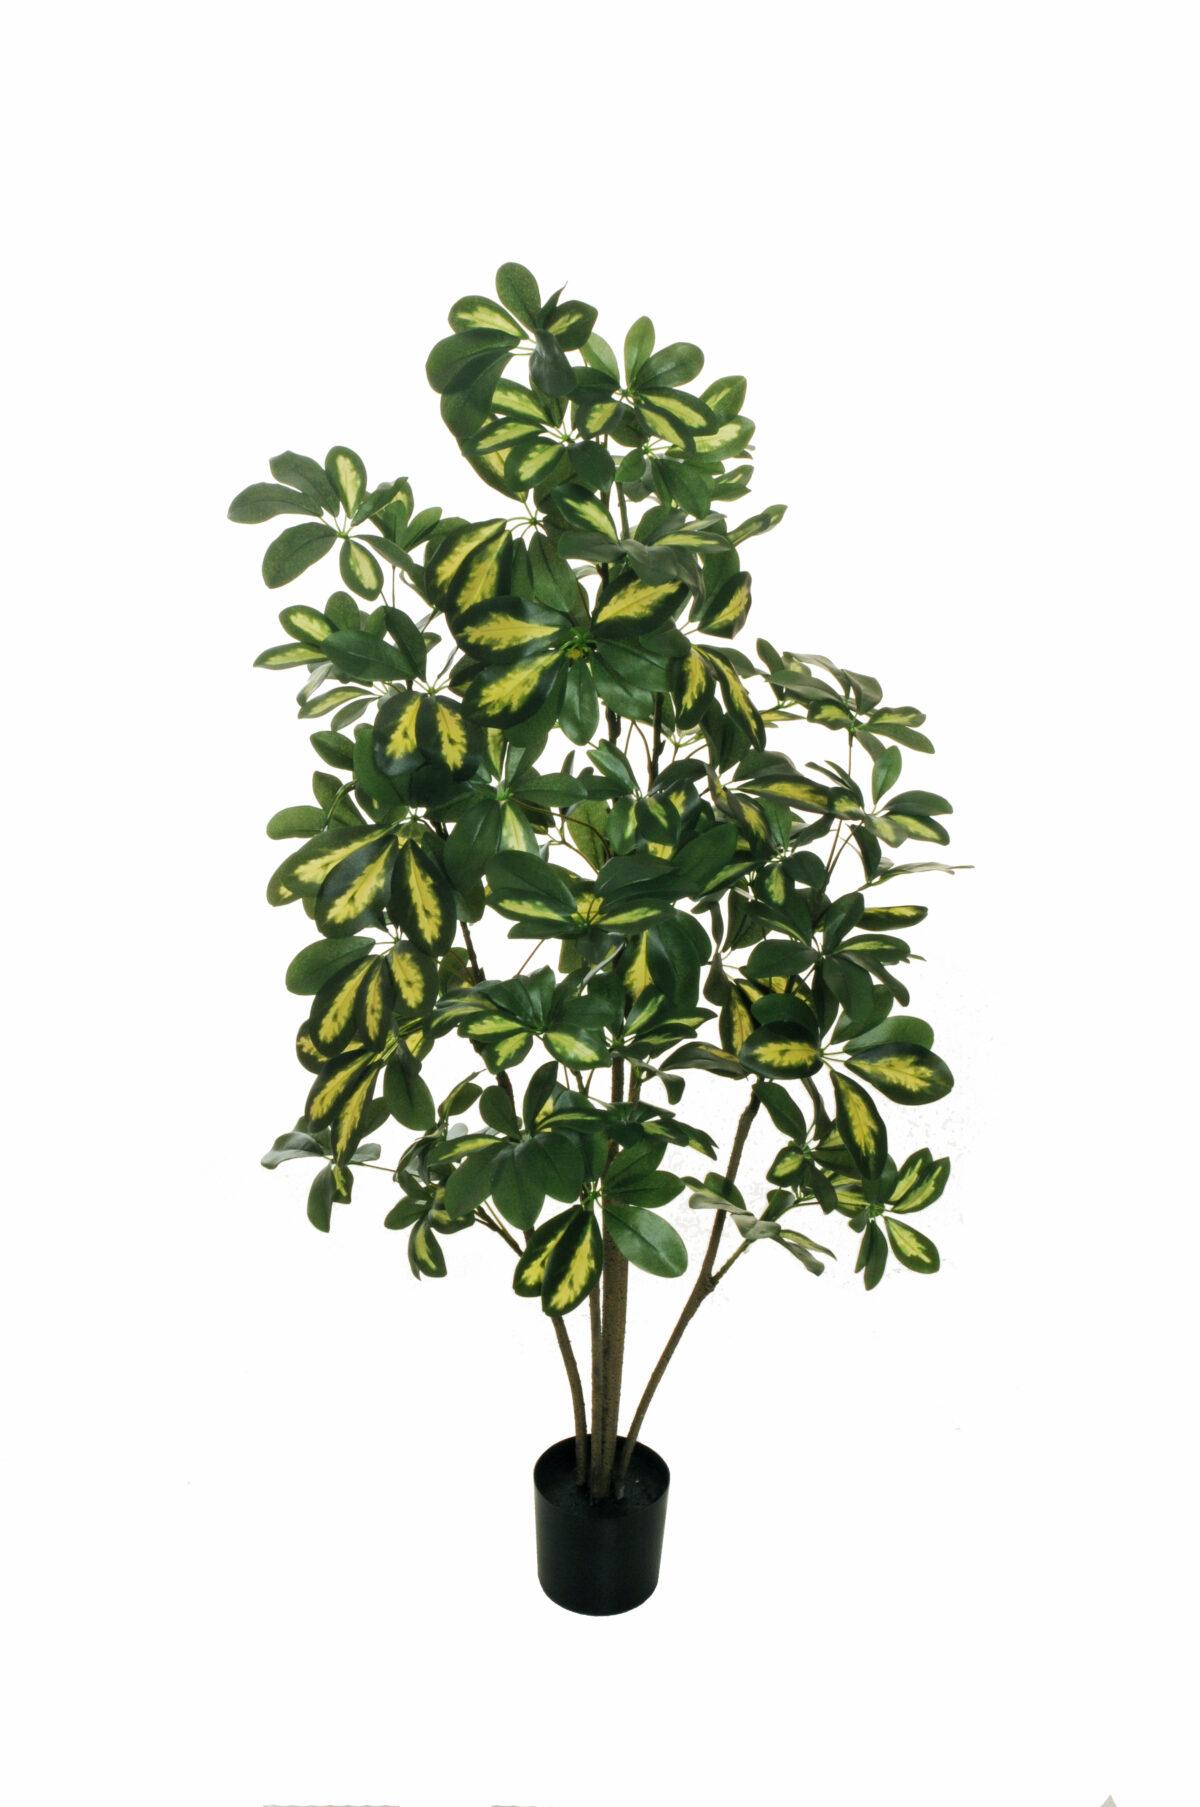 Pianta artificiale di Schefflera tropicale con 476 foglie verdi variegate, 5 tronchi, con vado in plastica nero d. 12,5 x h. 11,5 cm; h. pianta 120 cm